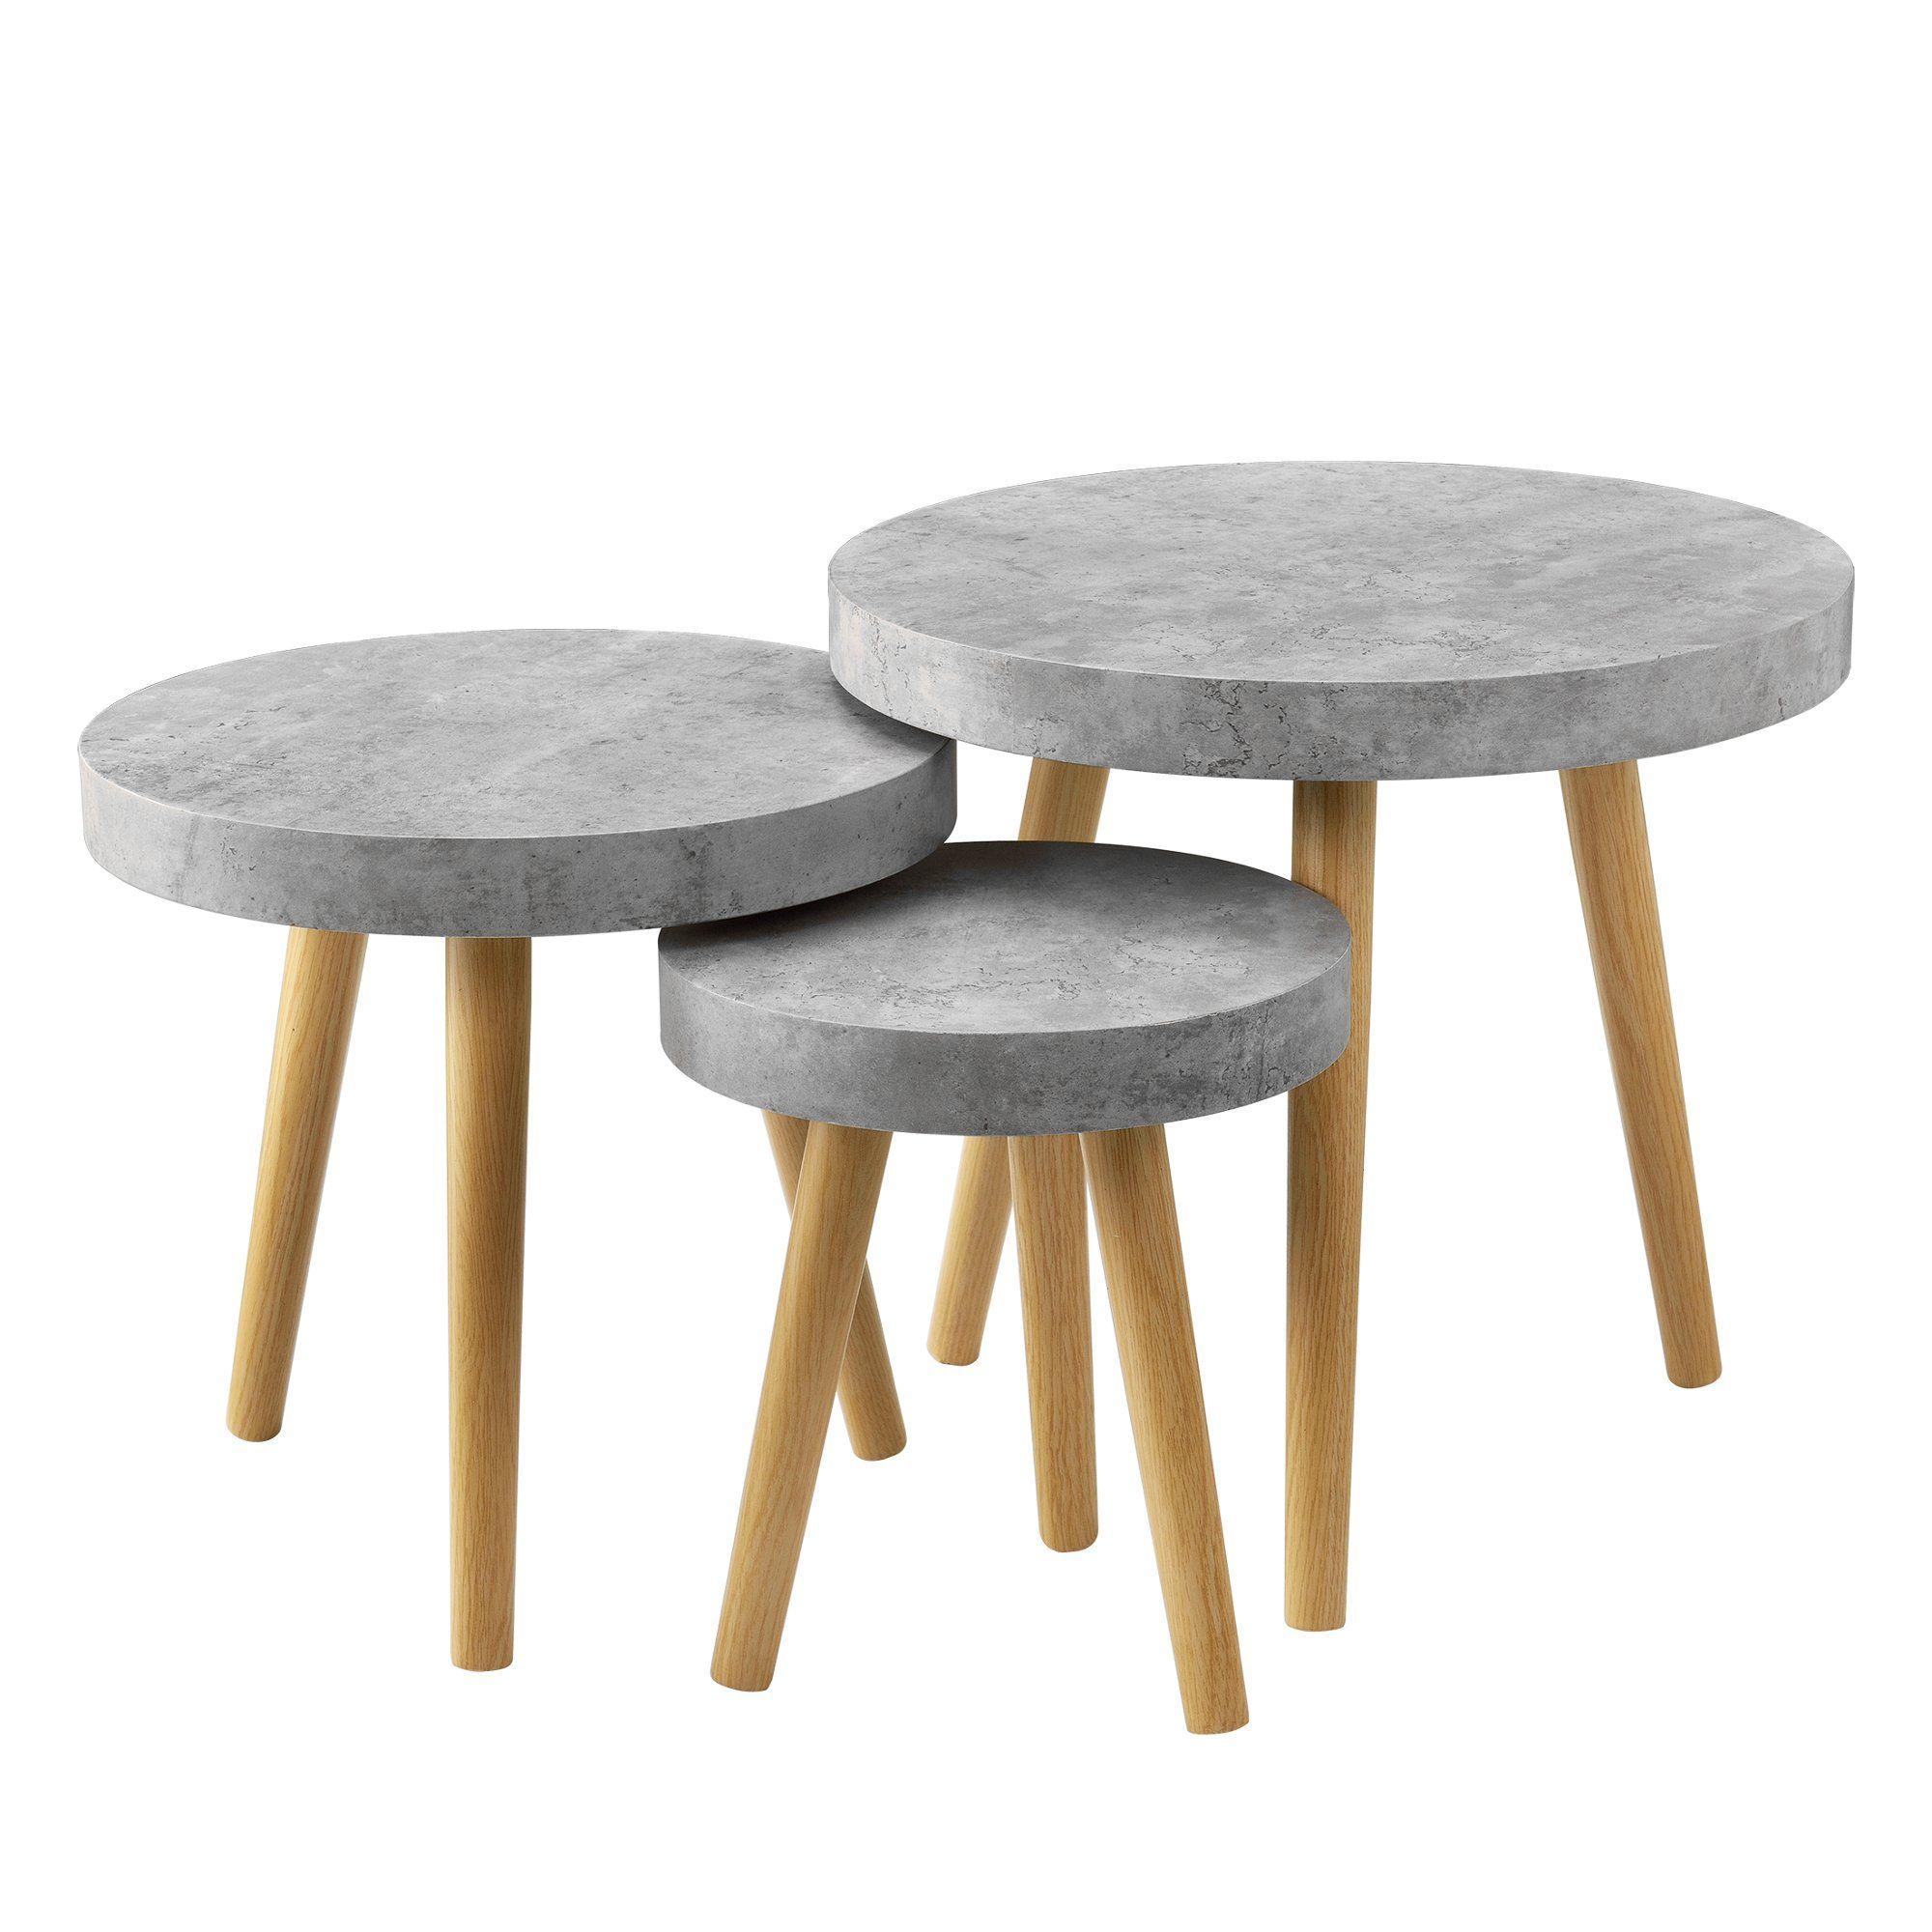 En Casa 3er Set Design Beistelltische Rund In Beton Optik Couchtisch Wohnzimmer Table Norden Home Furniture